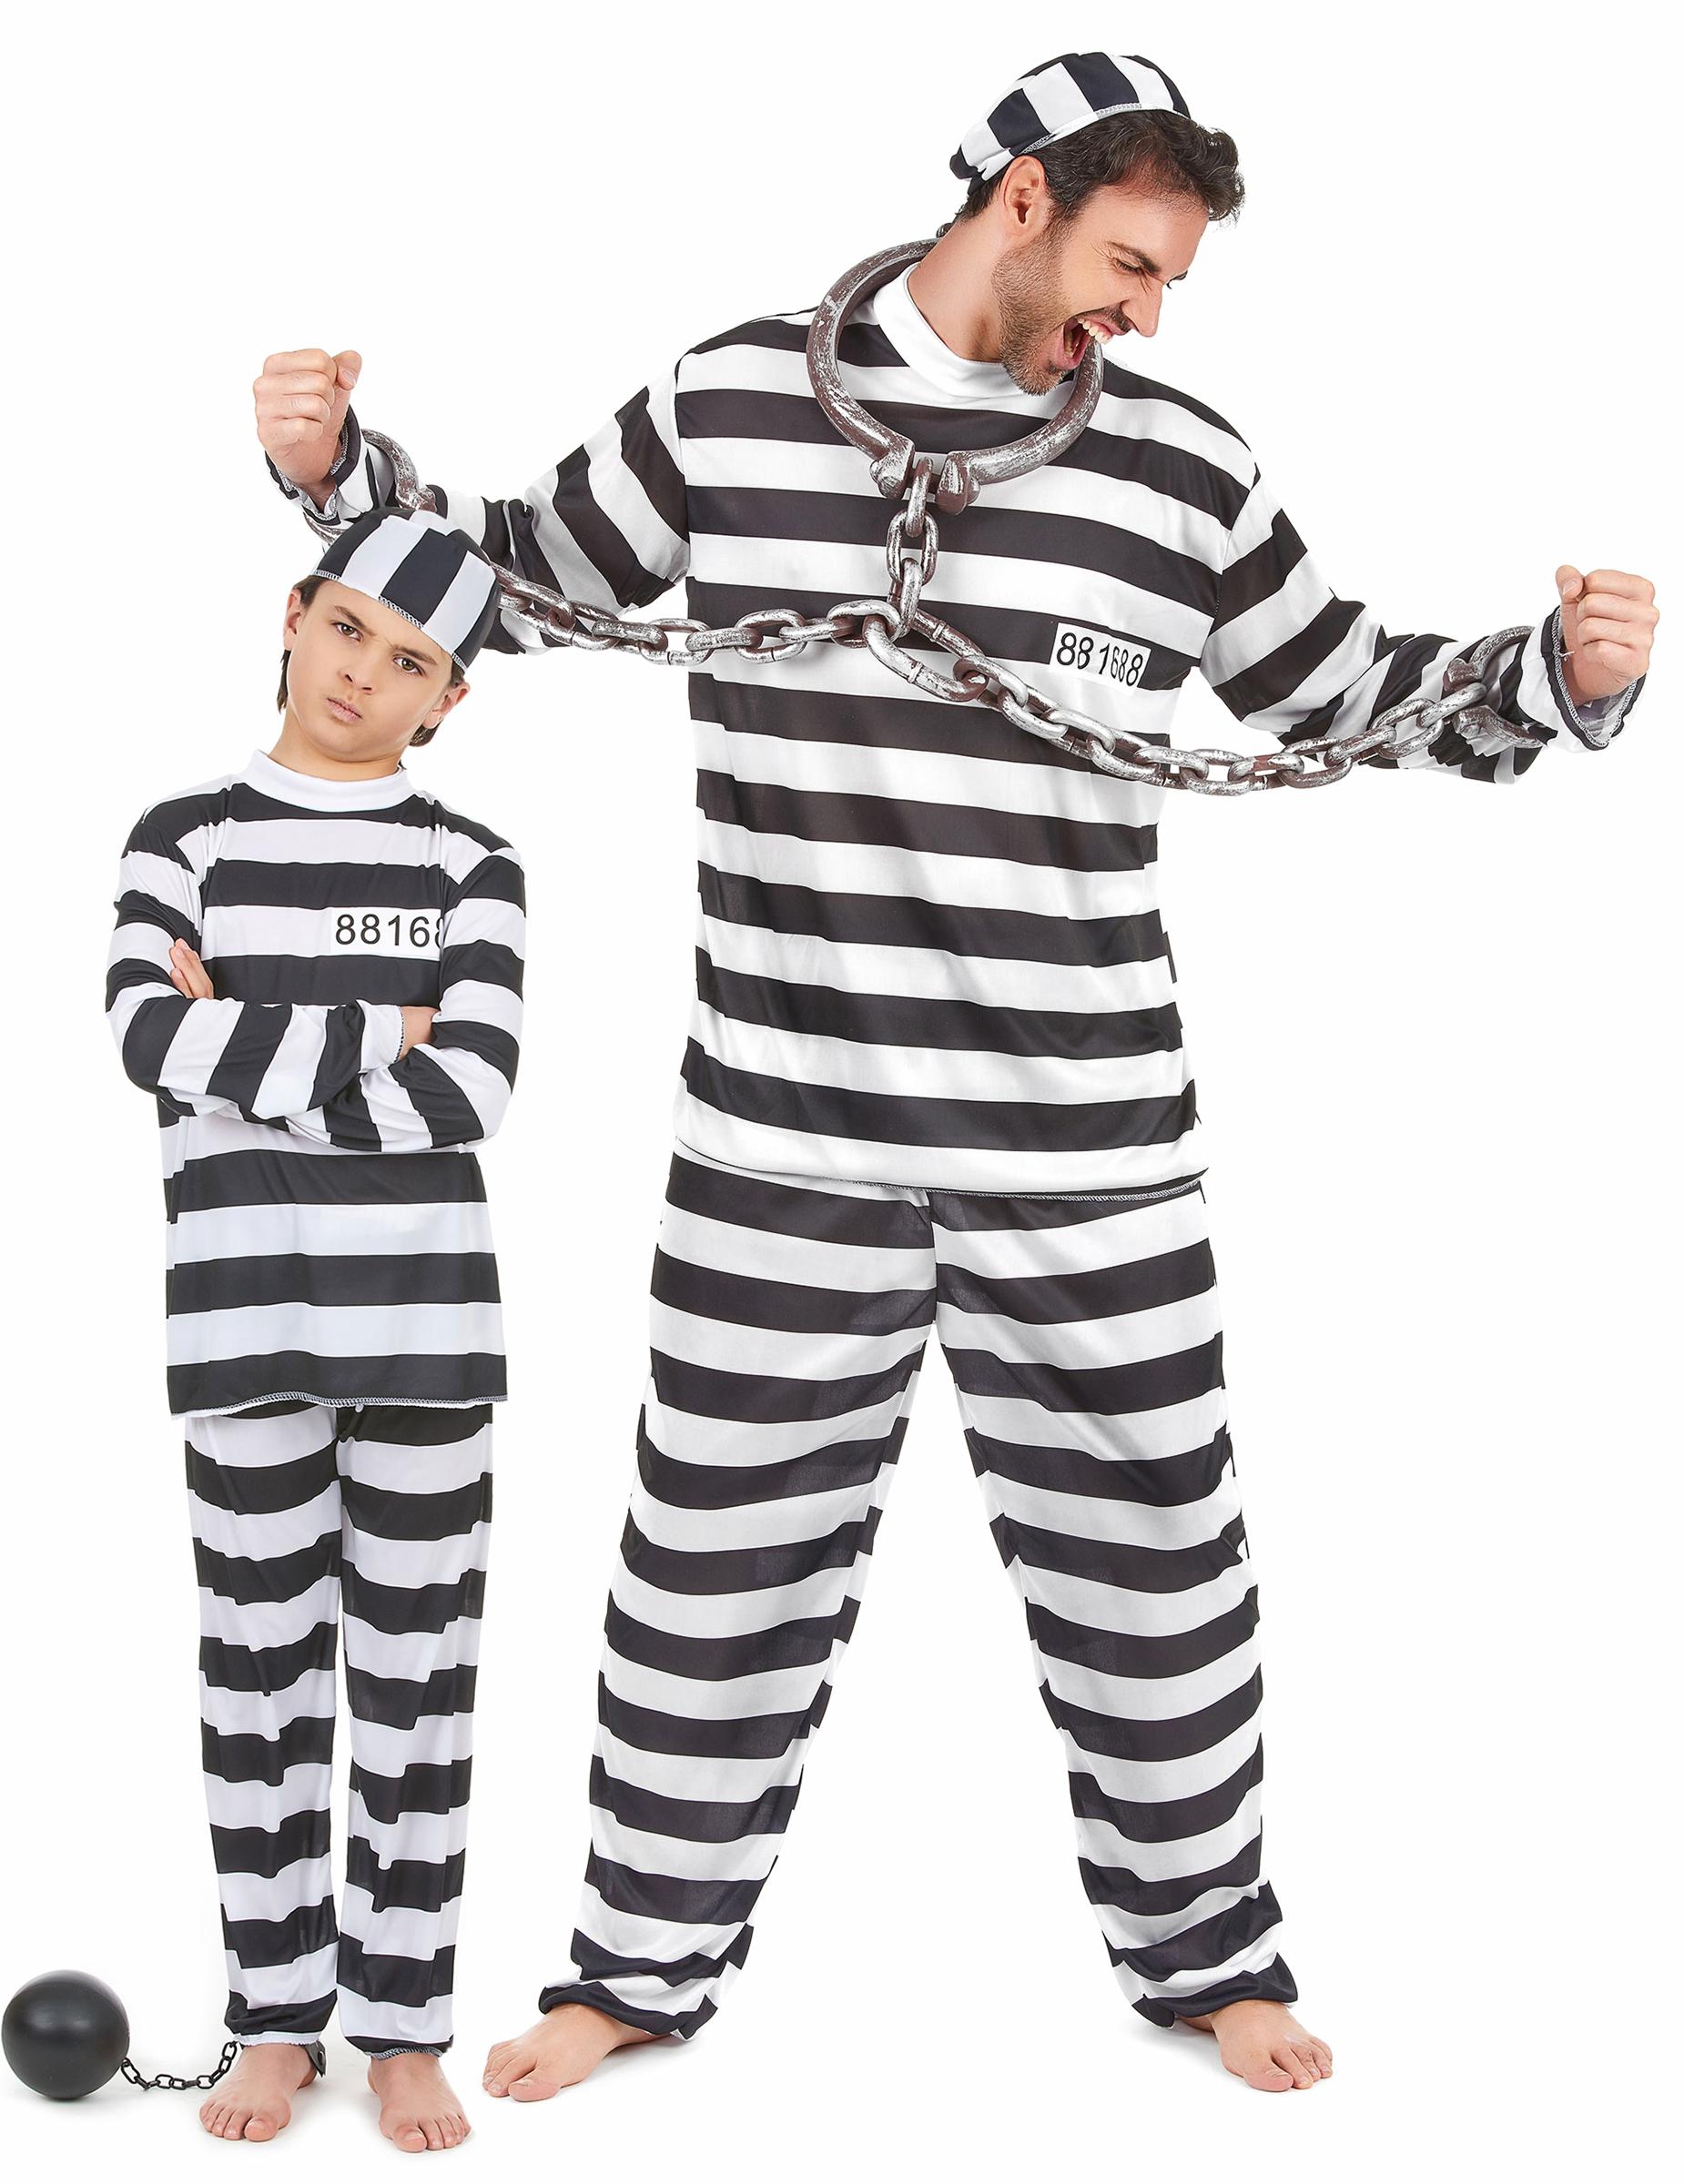 Liten och stor fånge - Pardräkt för vuxen och barn 52996a5f36f6c